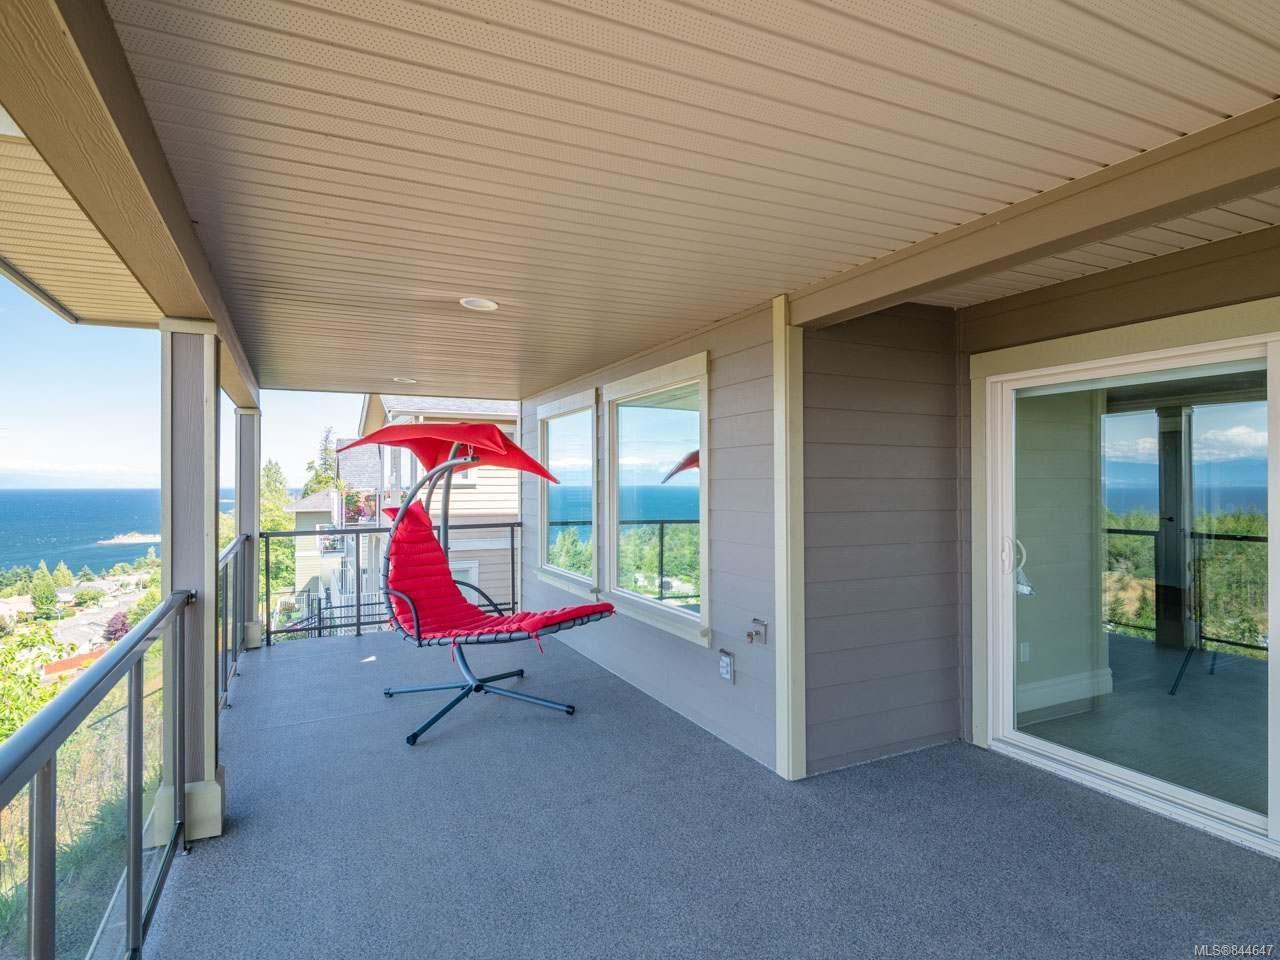 Photo 34: Photos: 4576 Laguna Way in NANAIMO: Na North Nanaimo House for sale (Nanaimo)  : MLS®# 844647